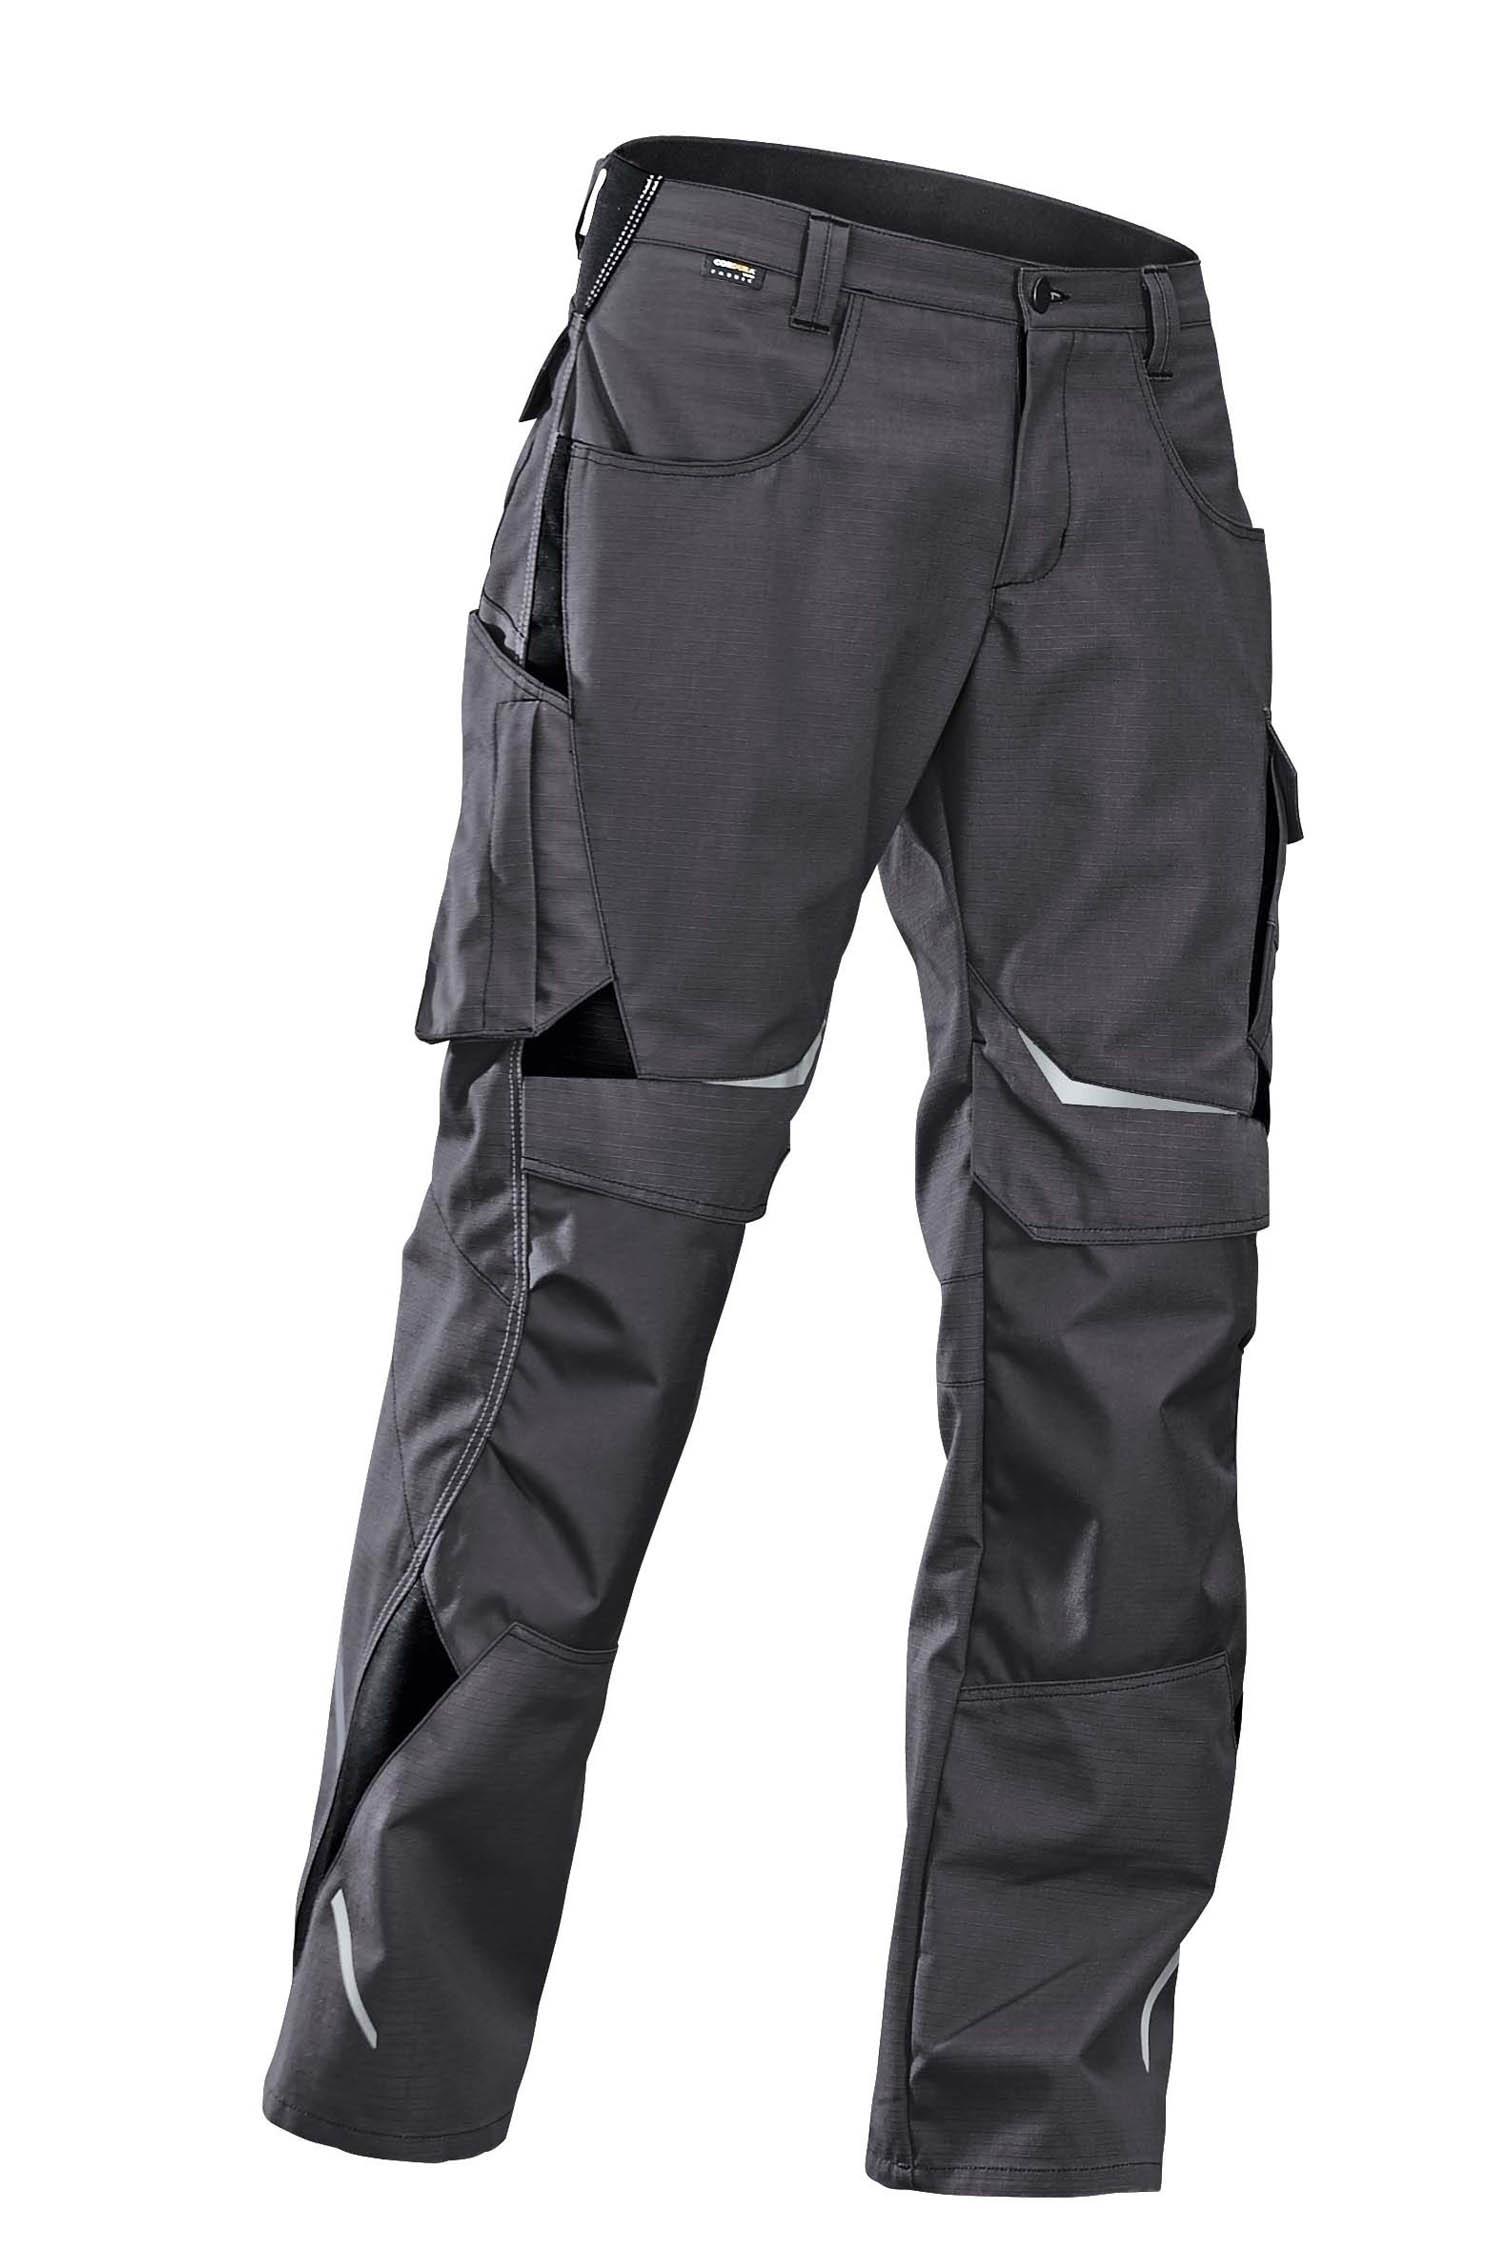 17e16f28f4 KÜBLER PULSSCHLAG Hose High - DK Workwear